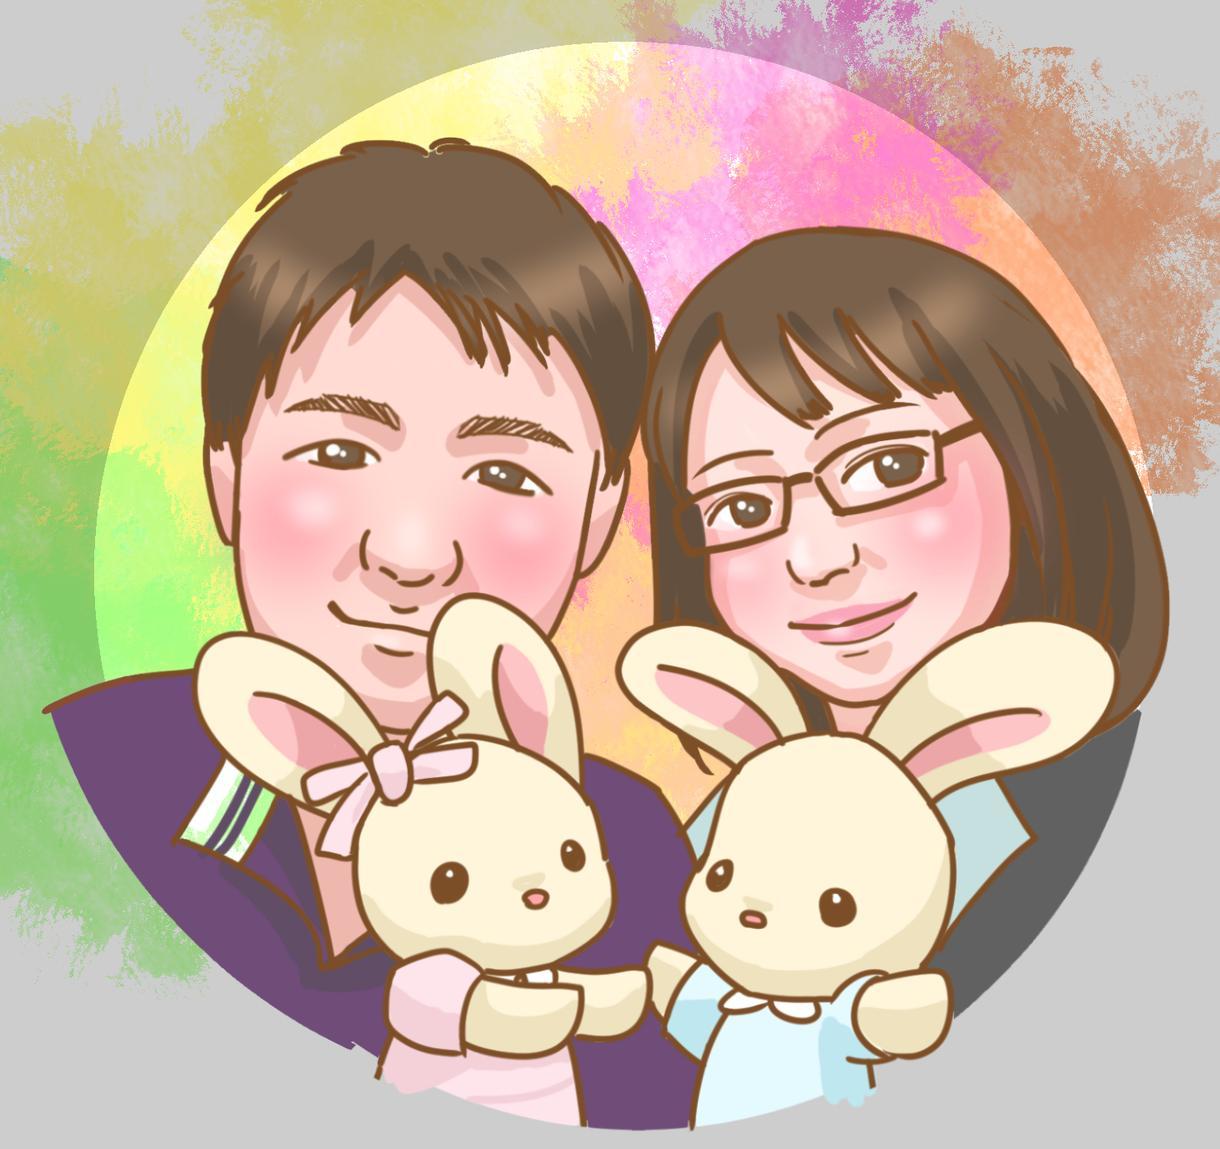 家族の似顔絵アイコン描きます アイコンやちょっとしたプレゼントに!